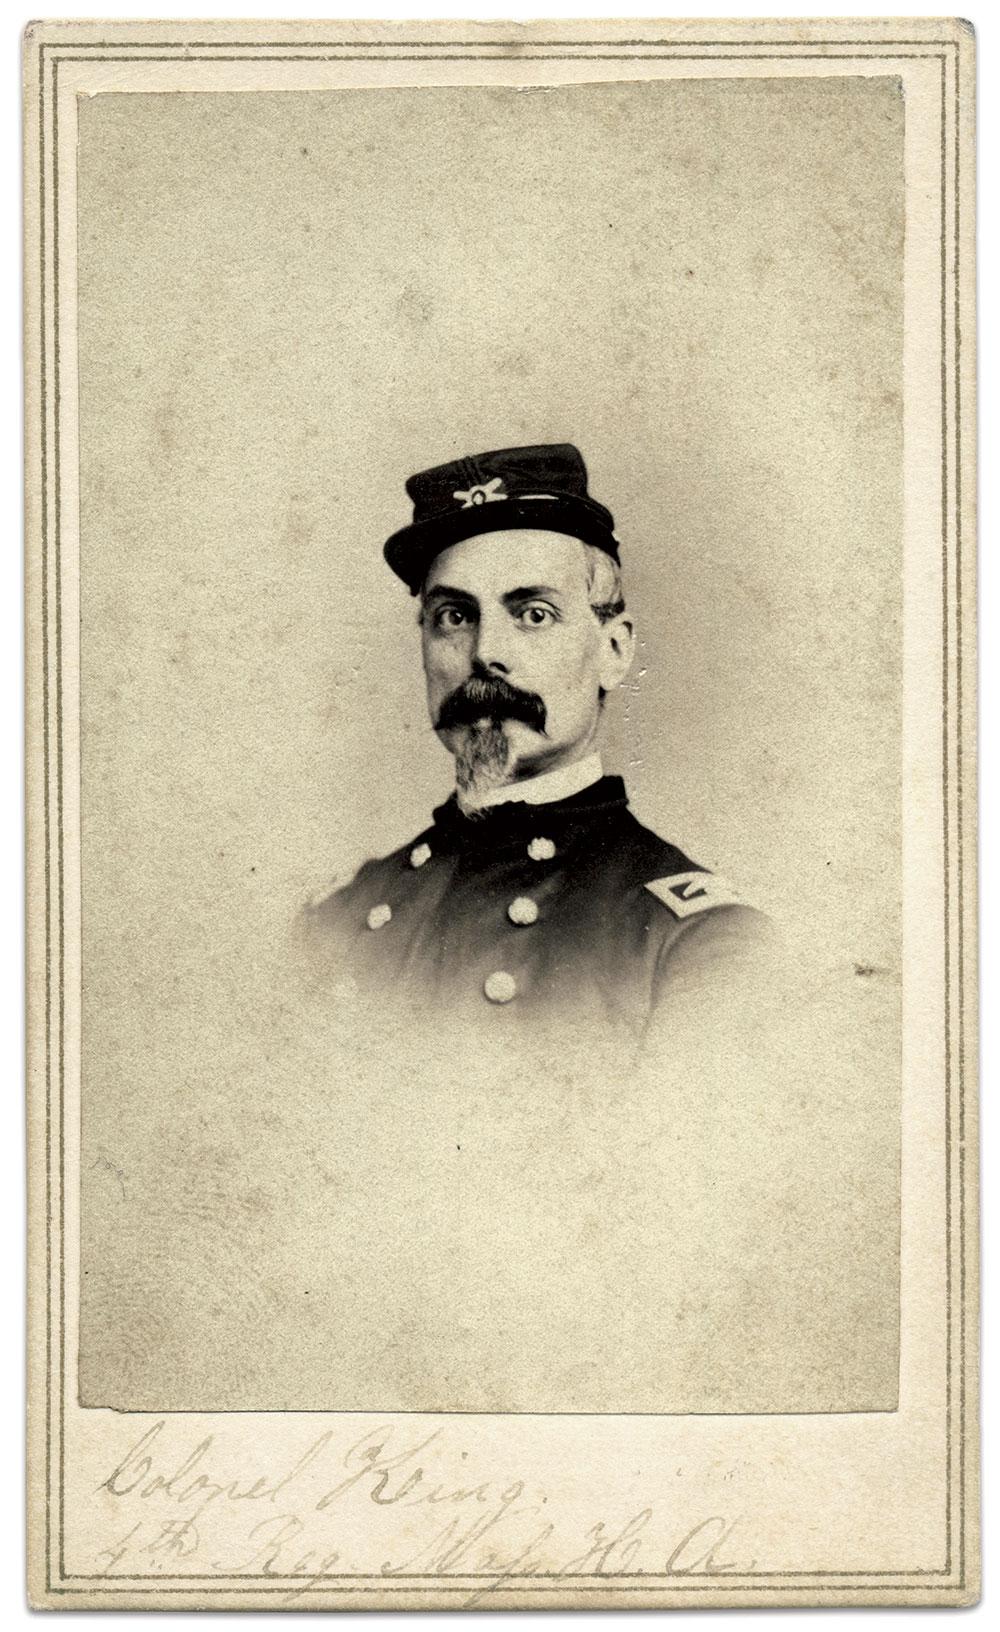 Carte de visite by Cross of Fort Richardson, Va. Karl Sundstrom Collection.